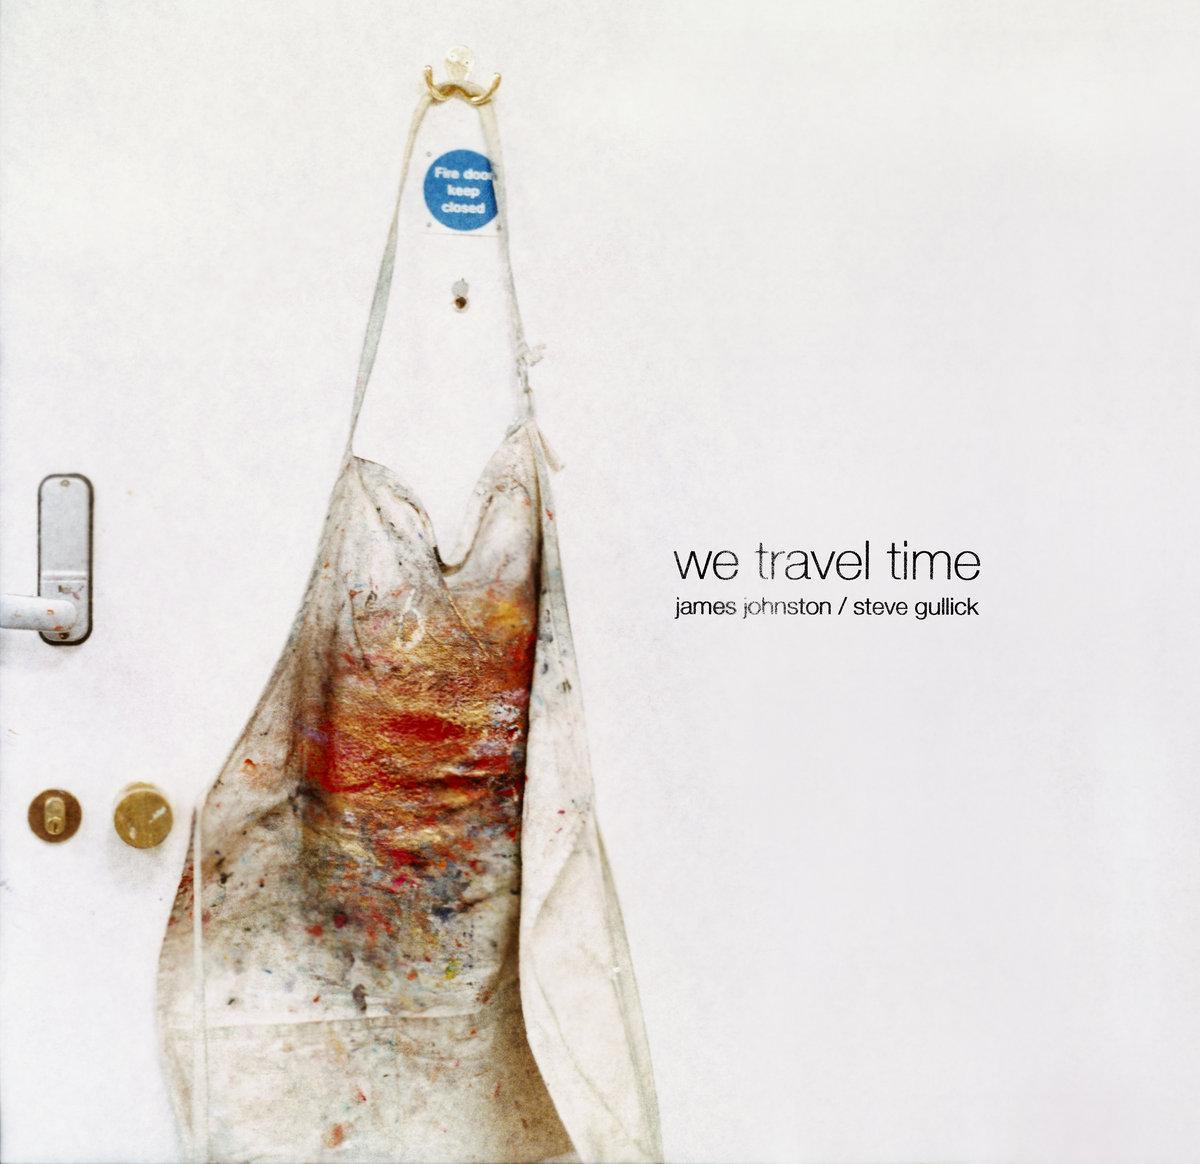 News – James Johnston / Steve Gullick – We Travel Time